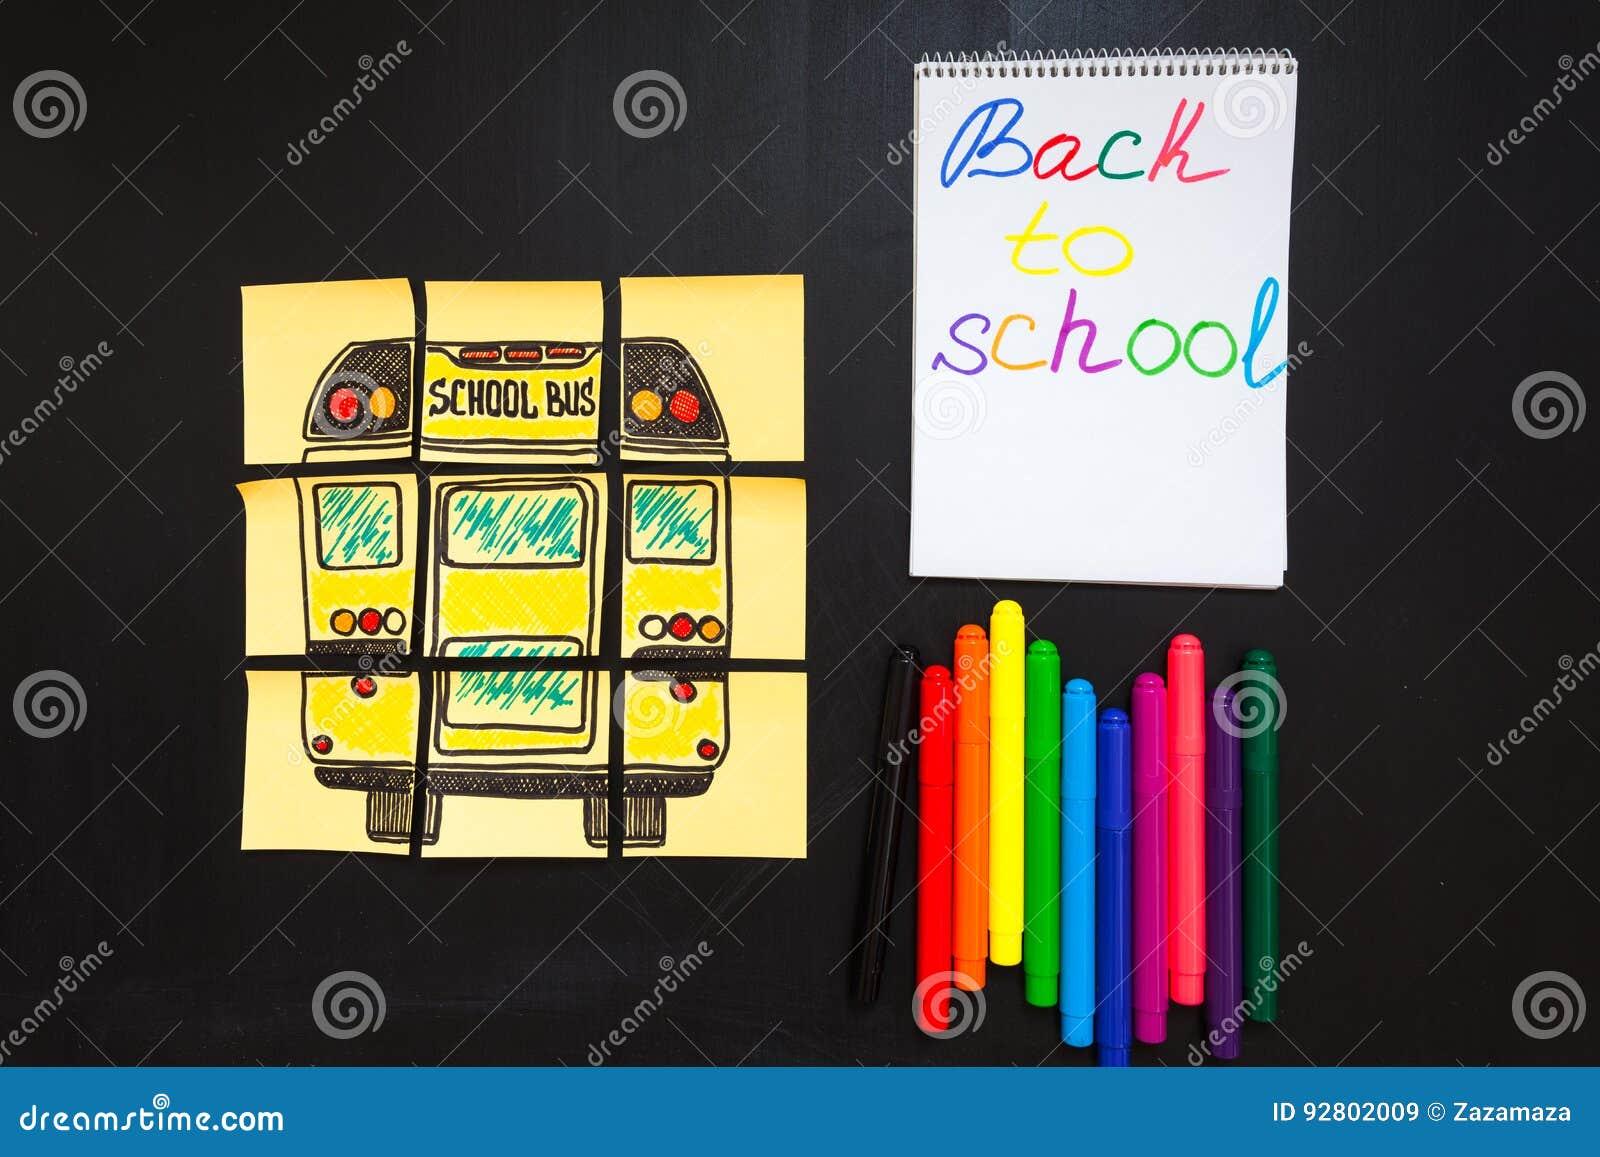 De volta ao fundo da escola com ` do título de volta ao ` do ` da escola e do ônibus escolar do ` escrito nos pedaços de papel am